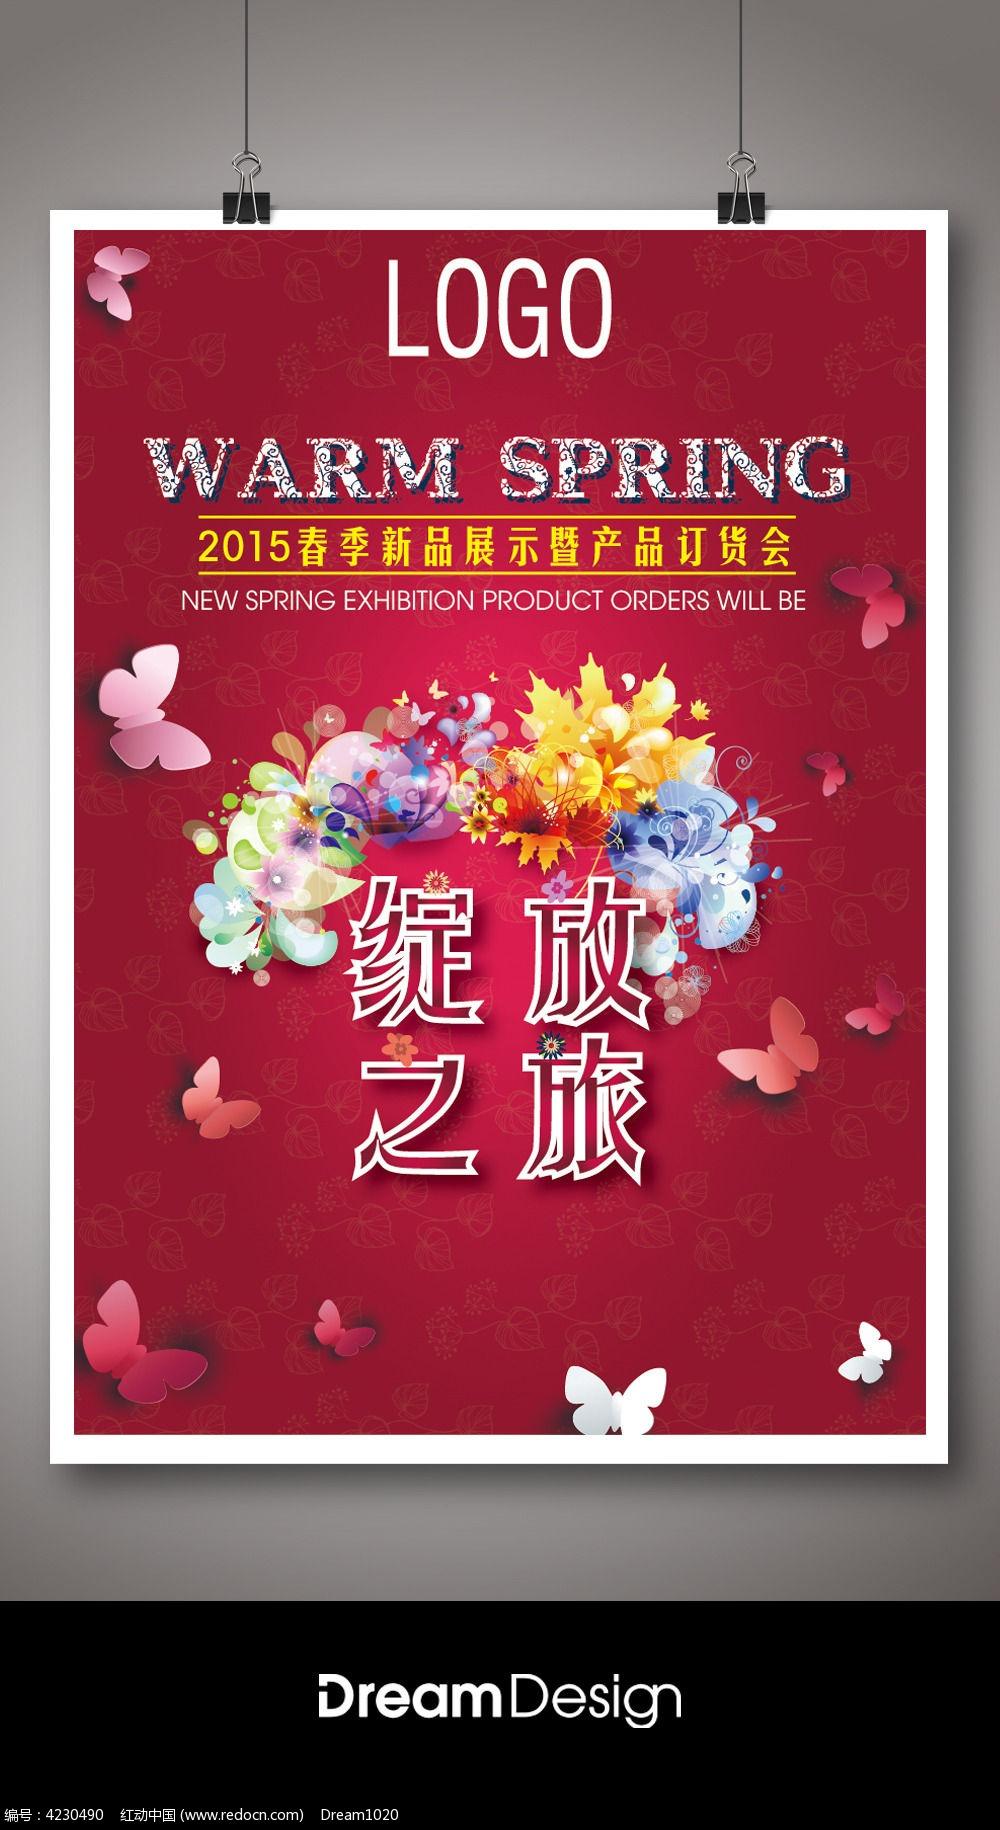 约服装宣传海报设计AI素材下载 海报设计图片 编号4230490